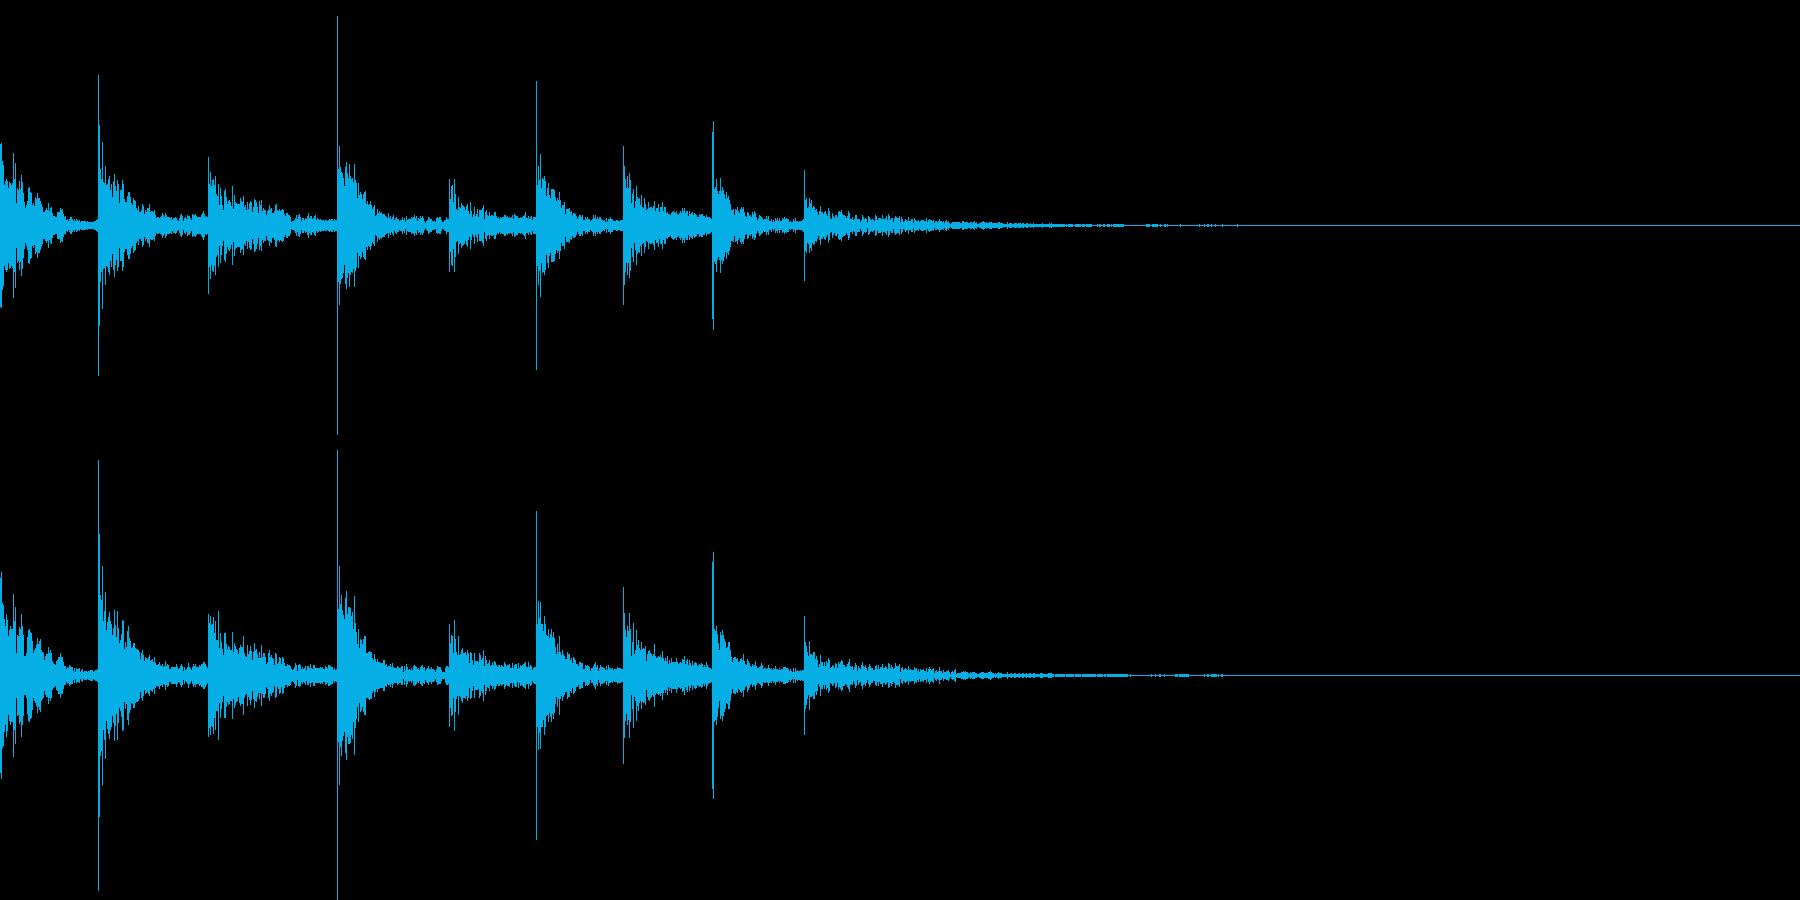 フレクサトーンの音の再生済みの波形